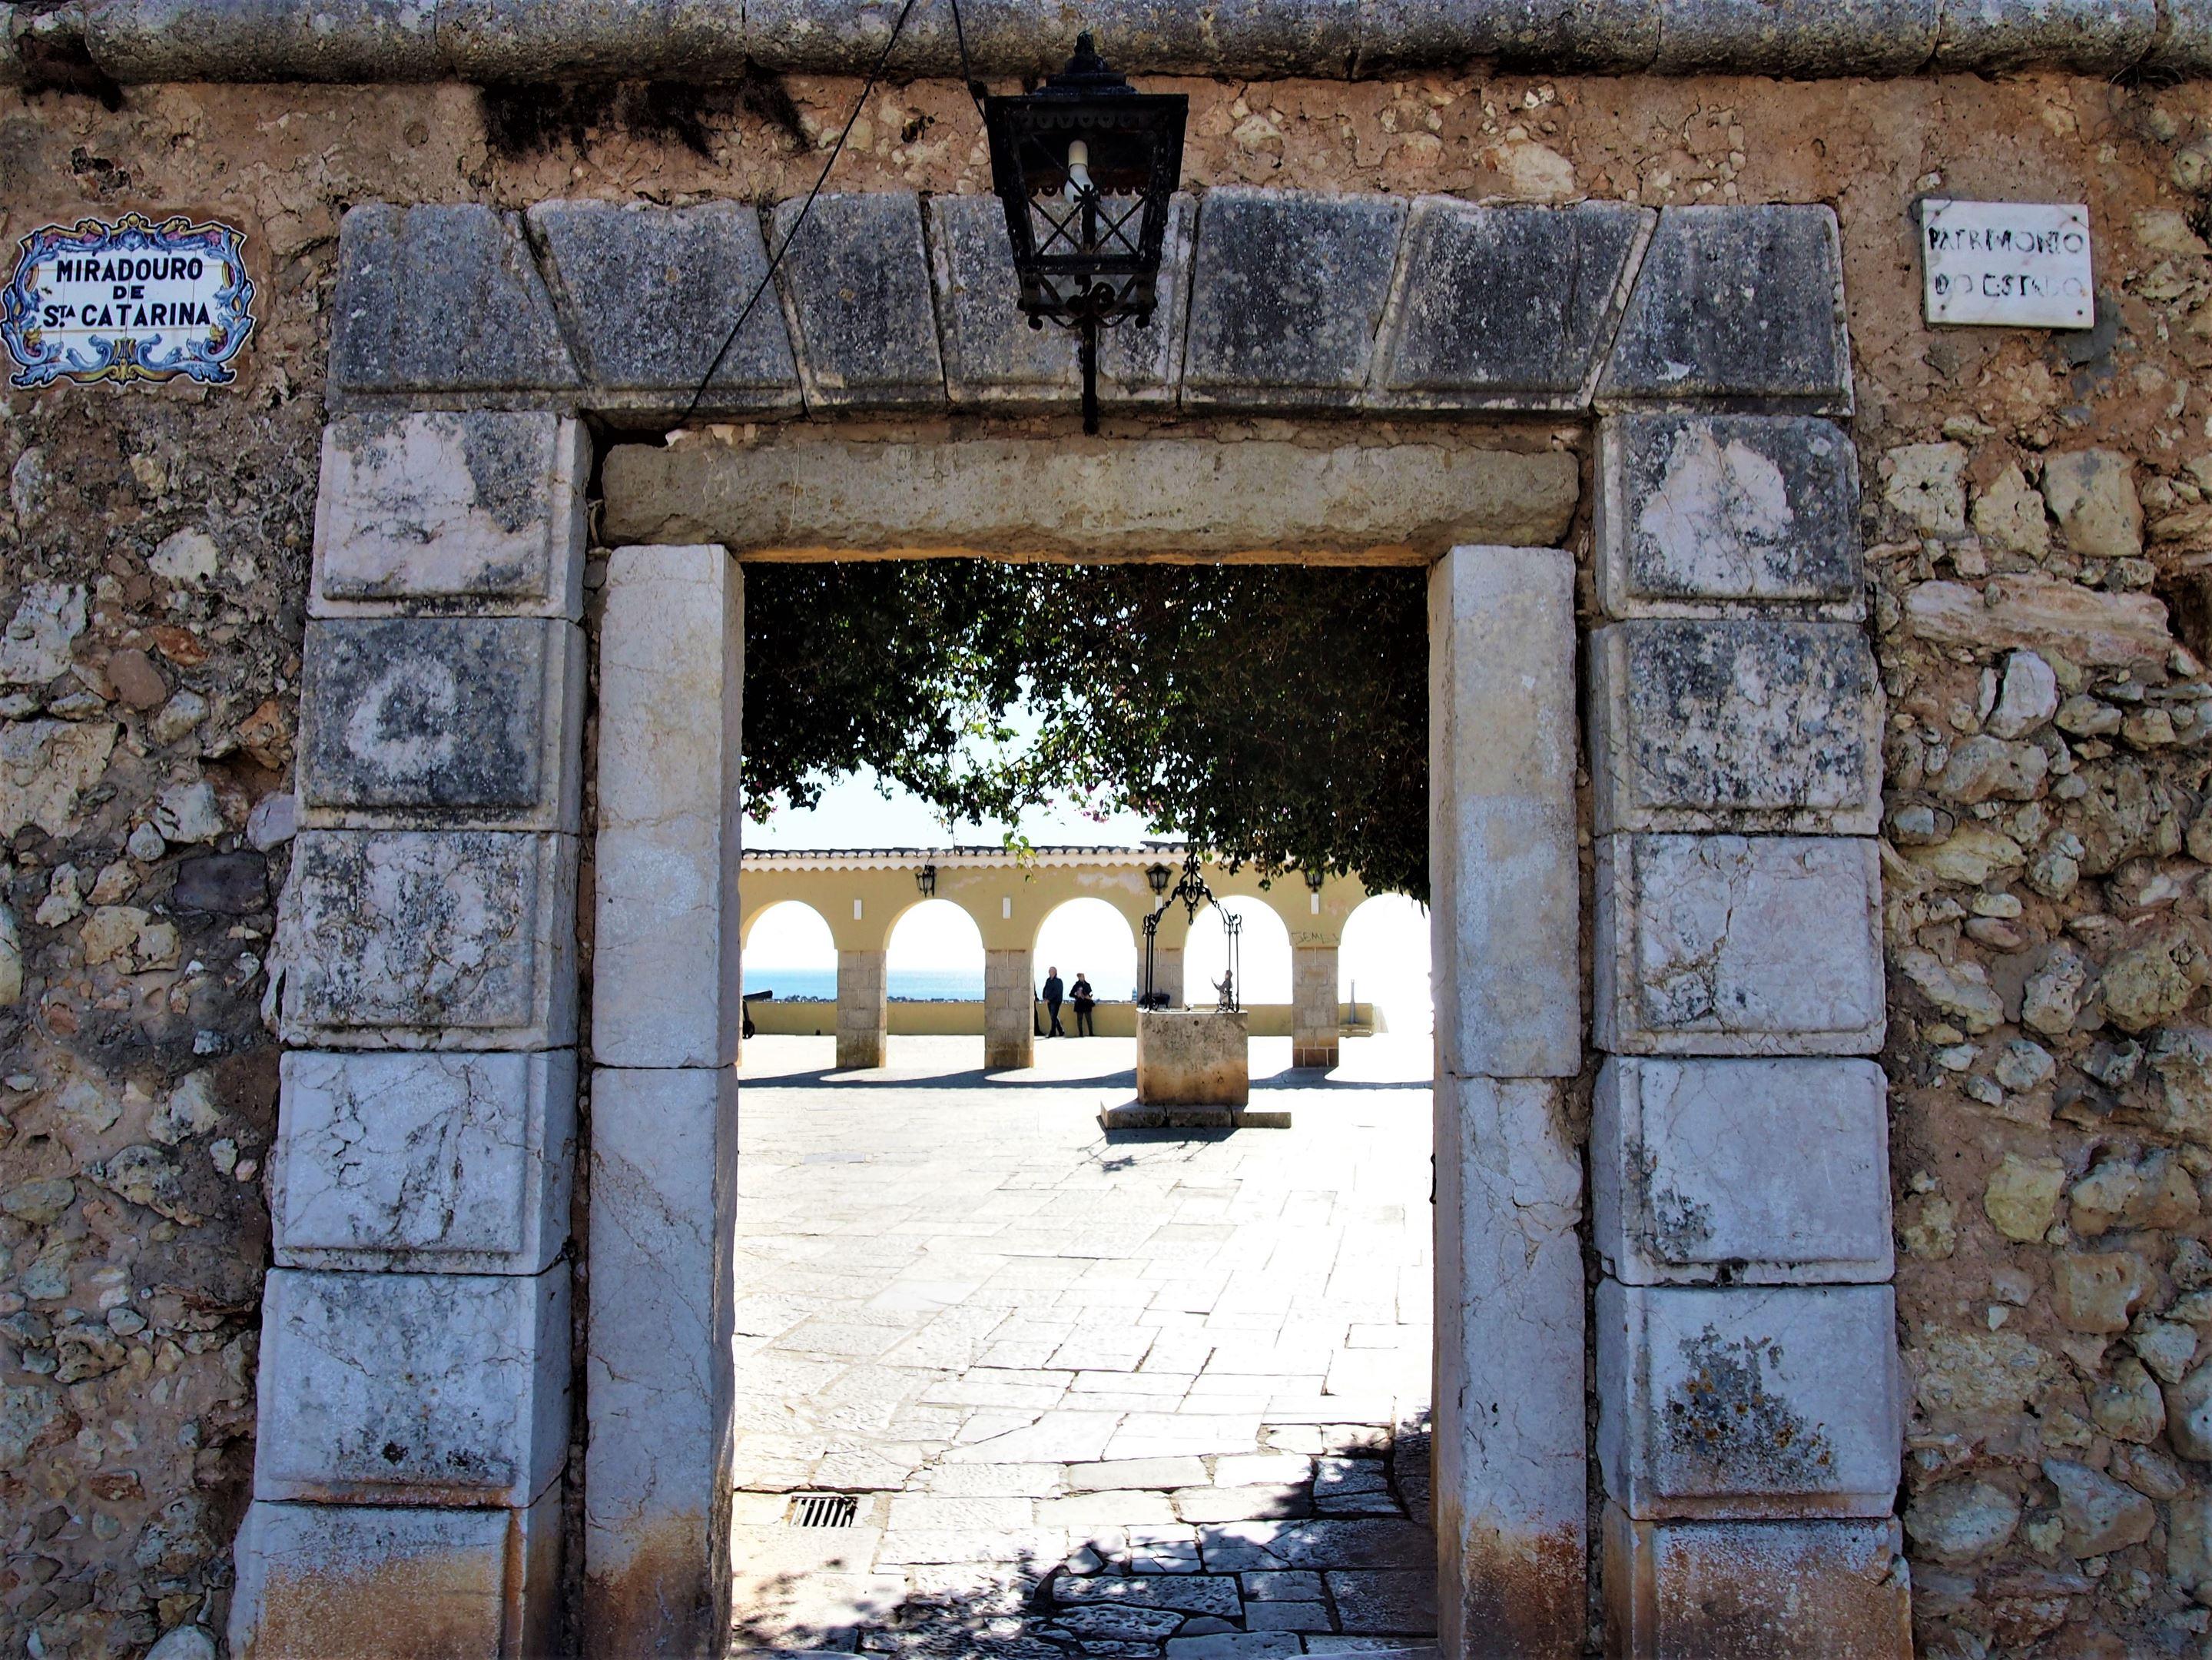 Вид на Атлантический океан из входных ворот в Мирадуро (или форт) Санта-Катарина, Портимао